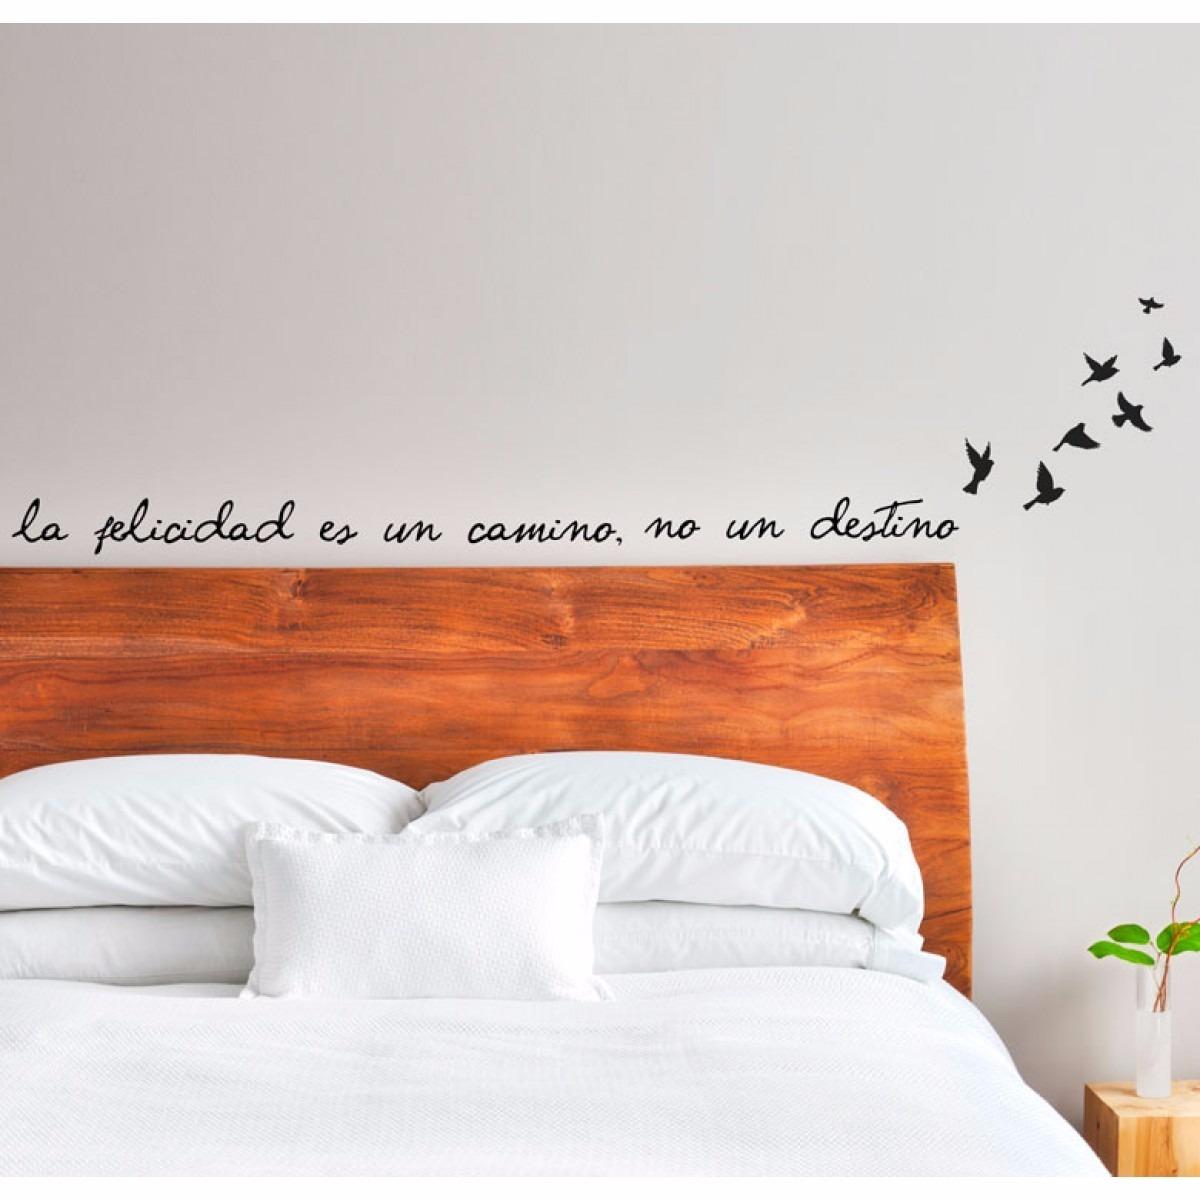 Vinilos Decorativos Para Dormitorios Cabeceras De Cama - $ 450,00 en ...